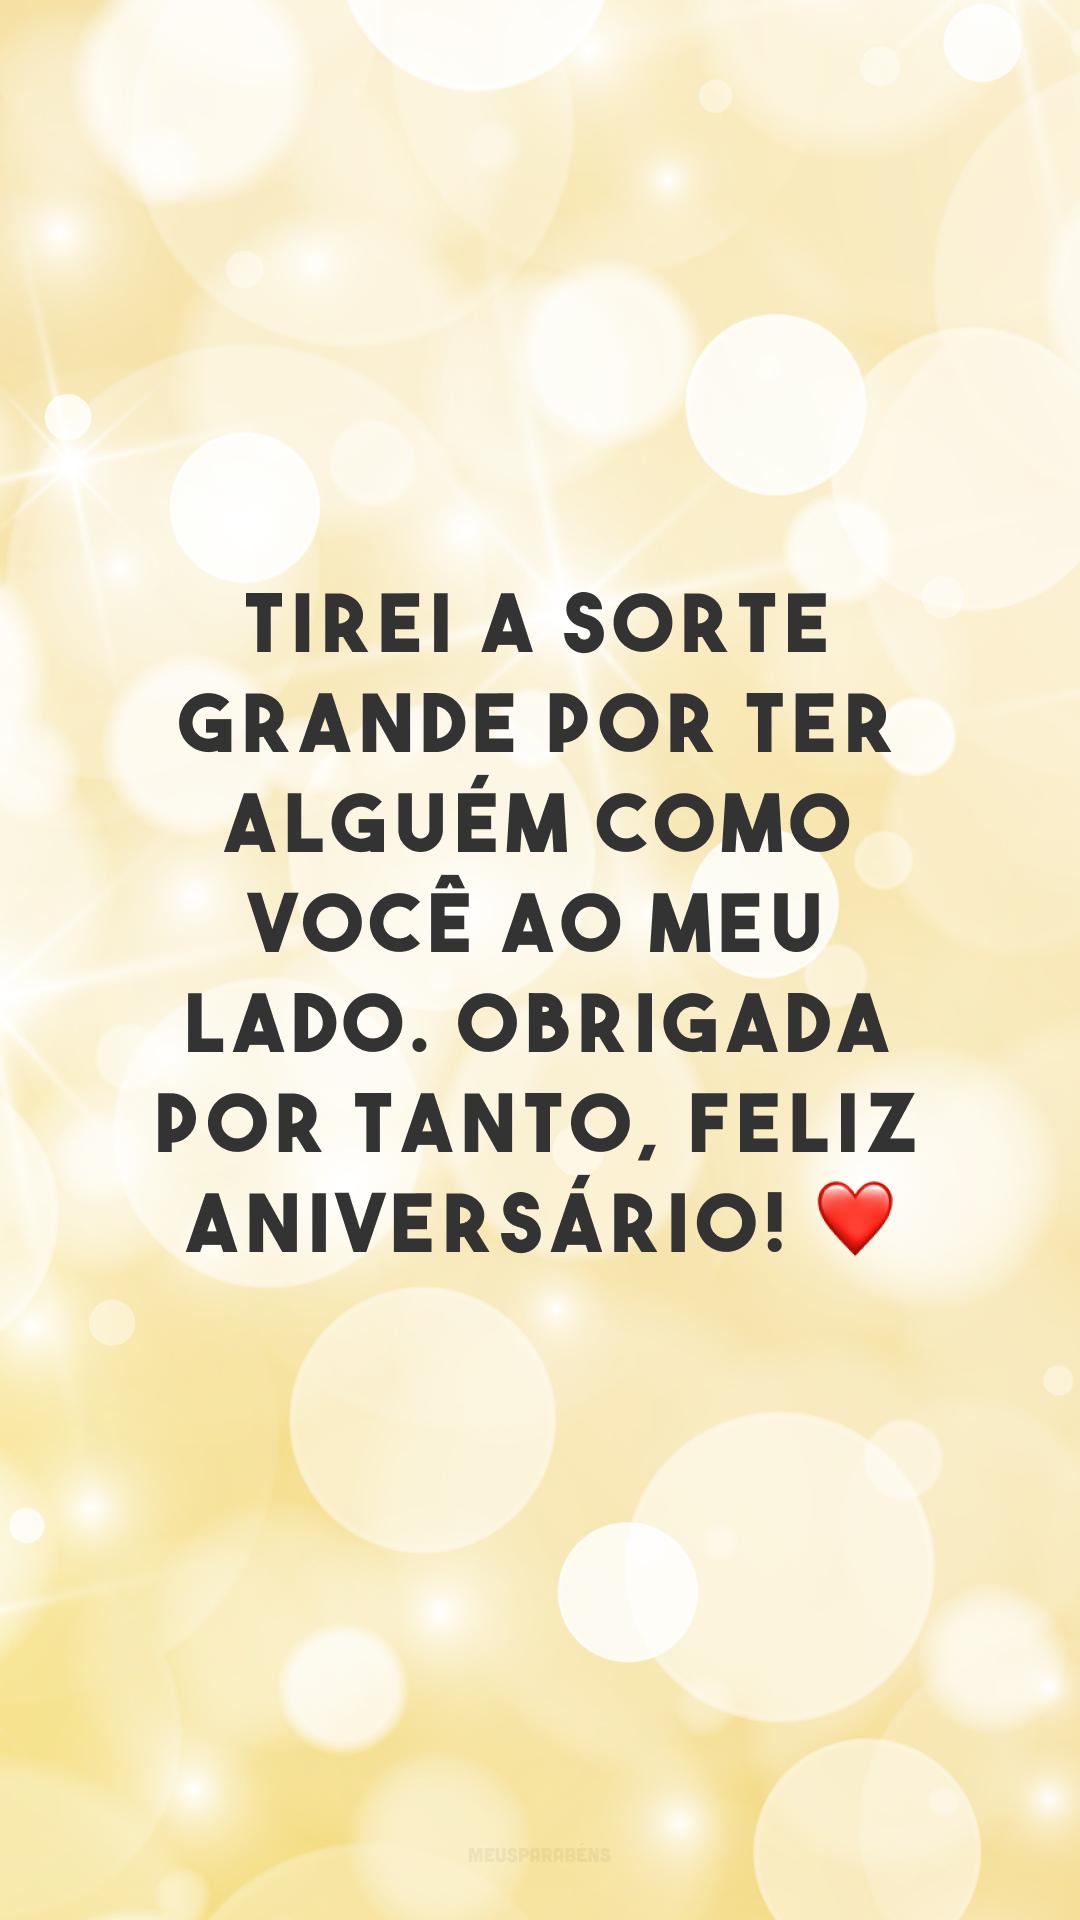 Tirei a sorte grande por ter alguém como você ao meu lado. Obrigada por tanto, feliz aniversário! ❤